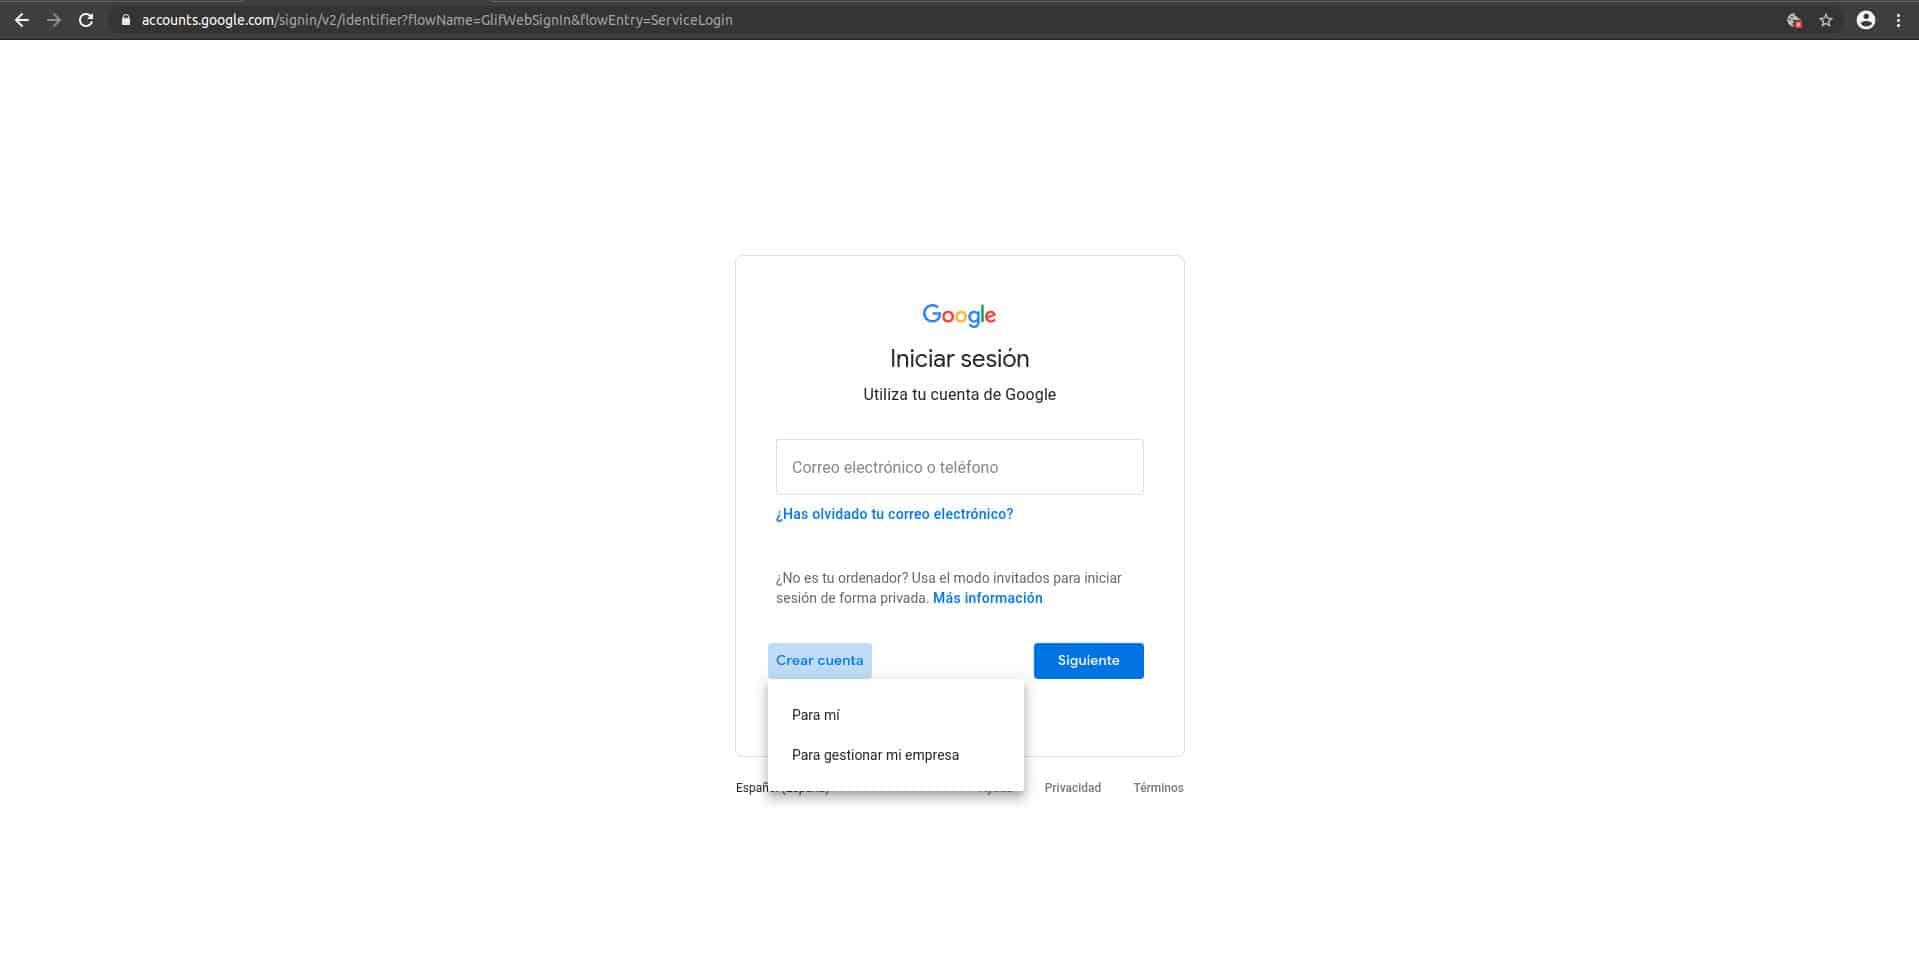 Acceder a cuenta de Google o crear una cuenta en Google para solucionar el aviso de seguridad